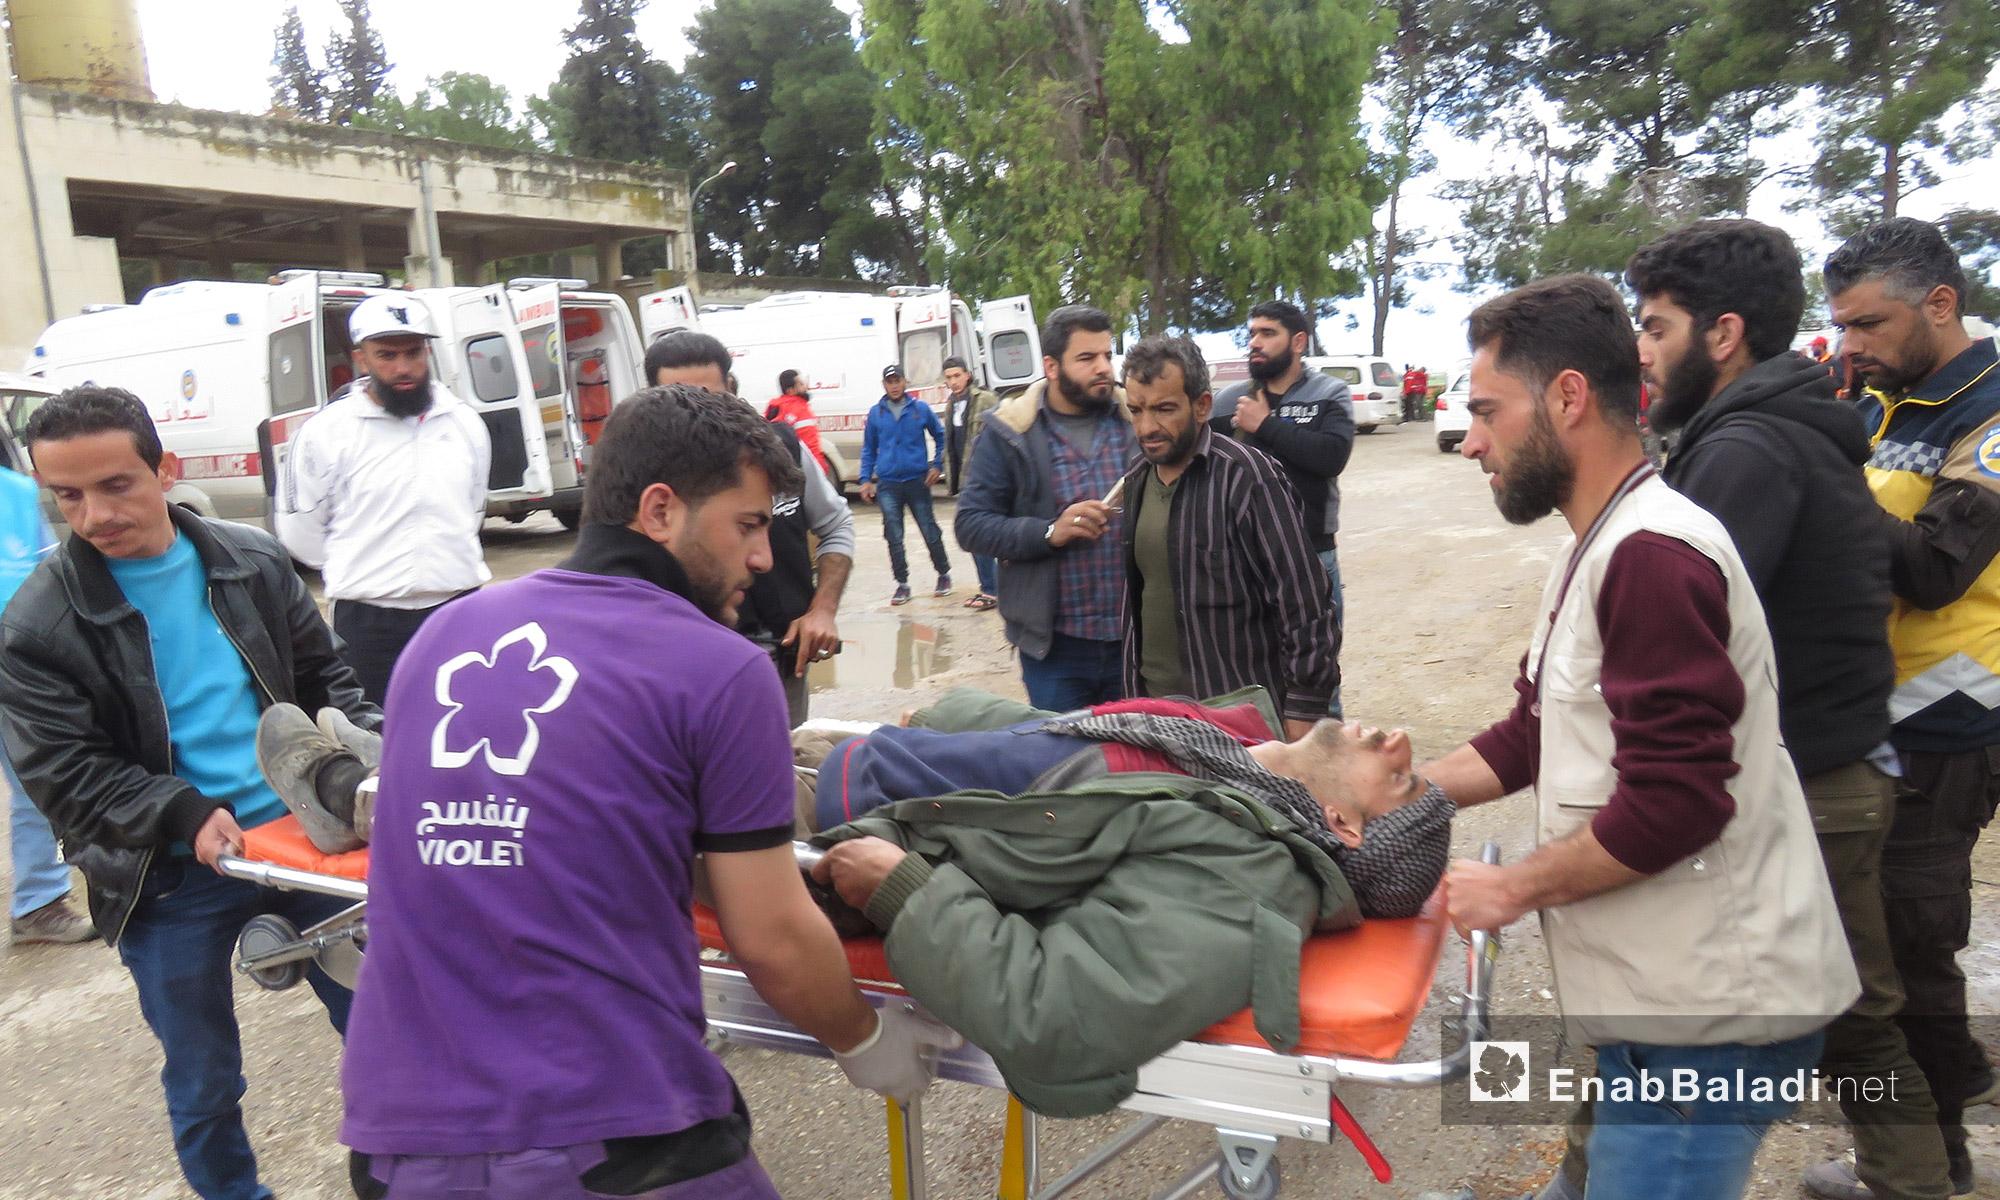 منظمات ومتطوعون ينقلون مصابًا وصل من عربين إلى قلعة المضيق غربي حماة - 25 آذار 2018 (عنب بلدي)